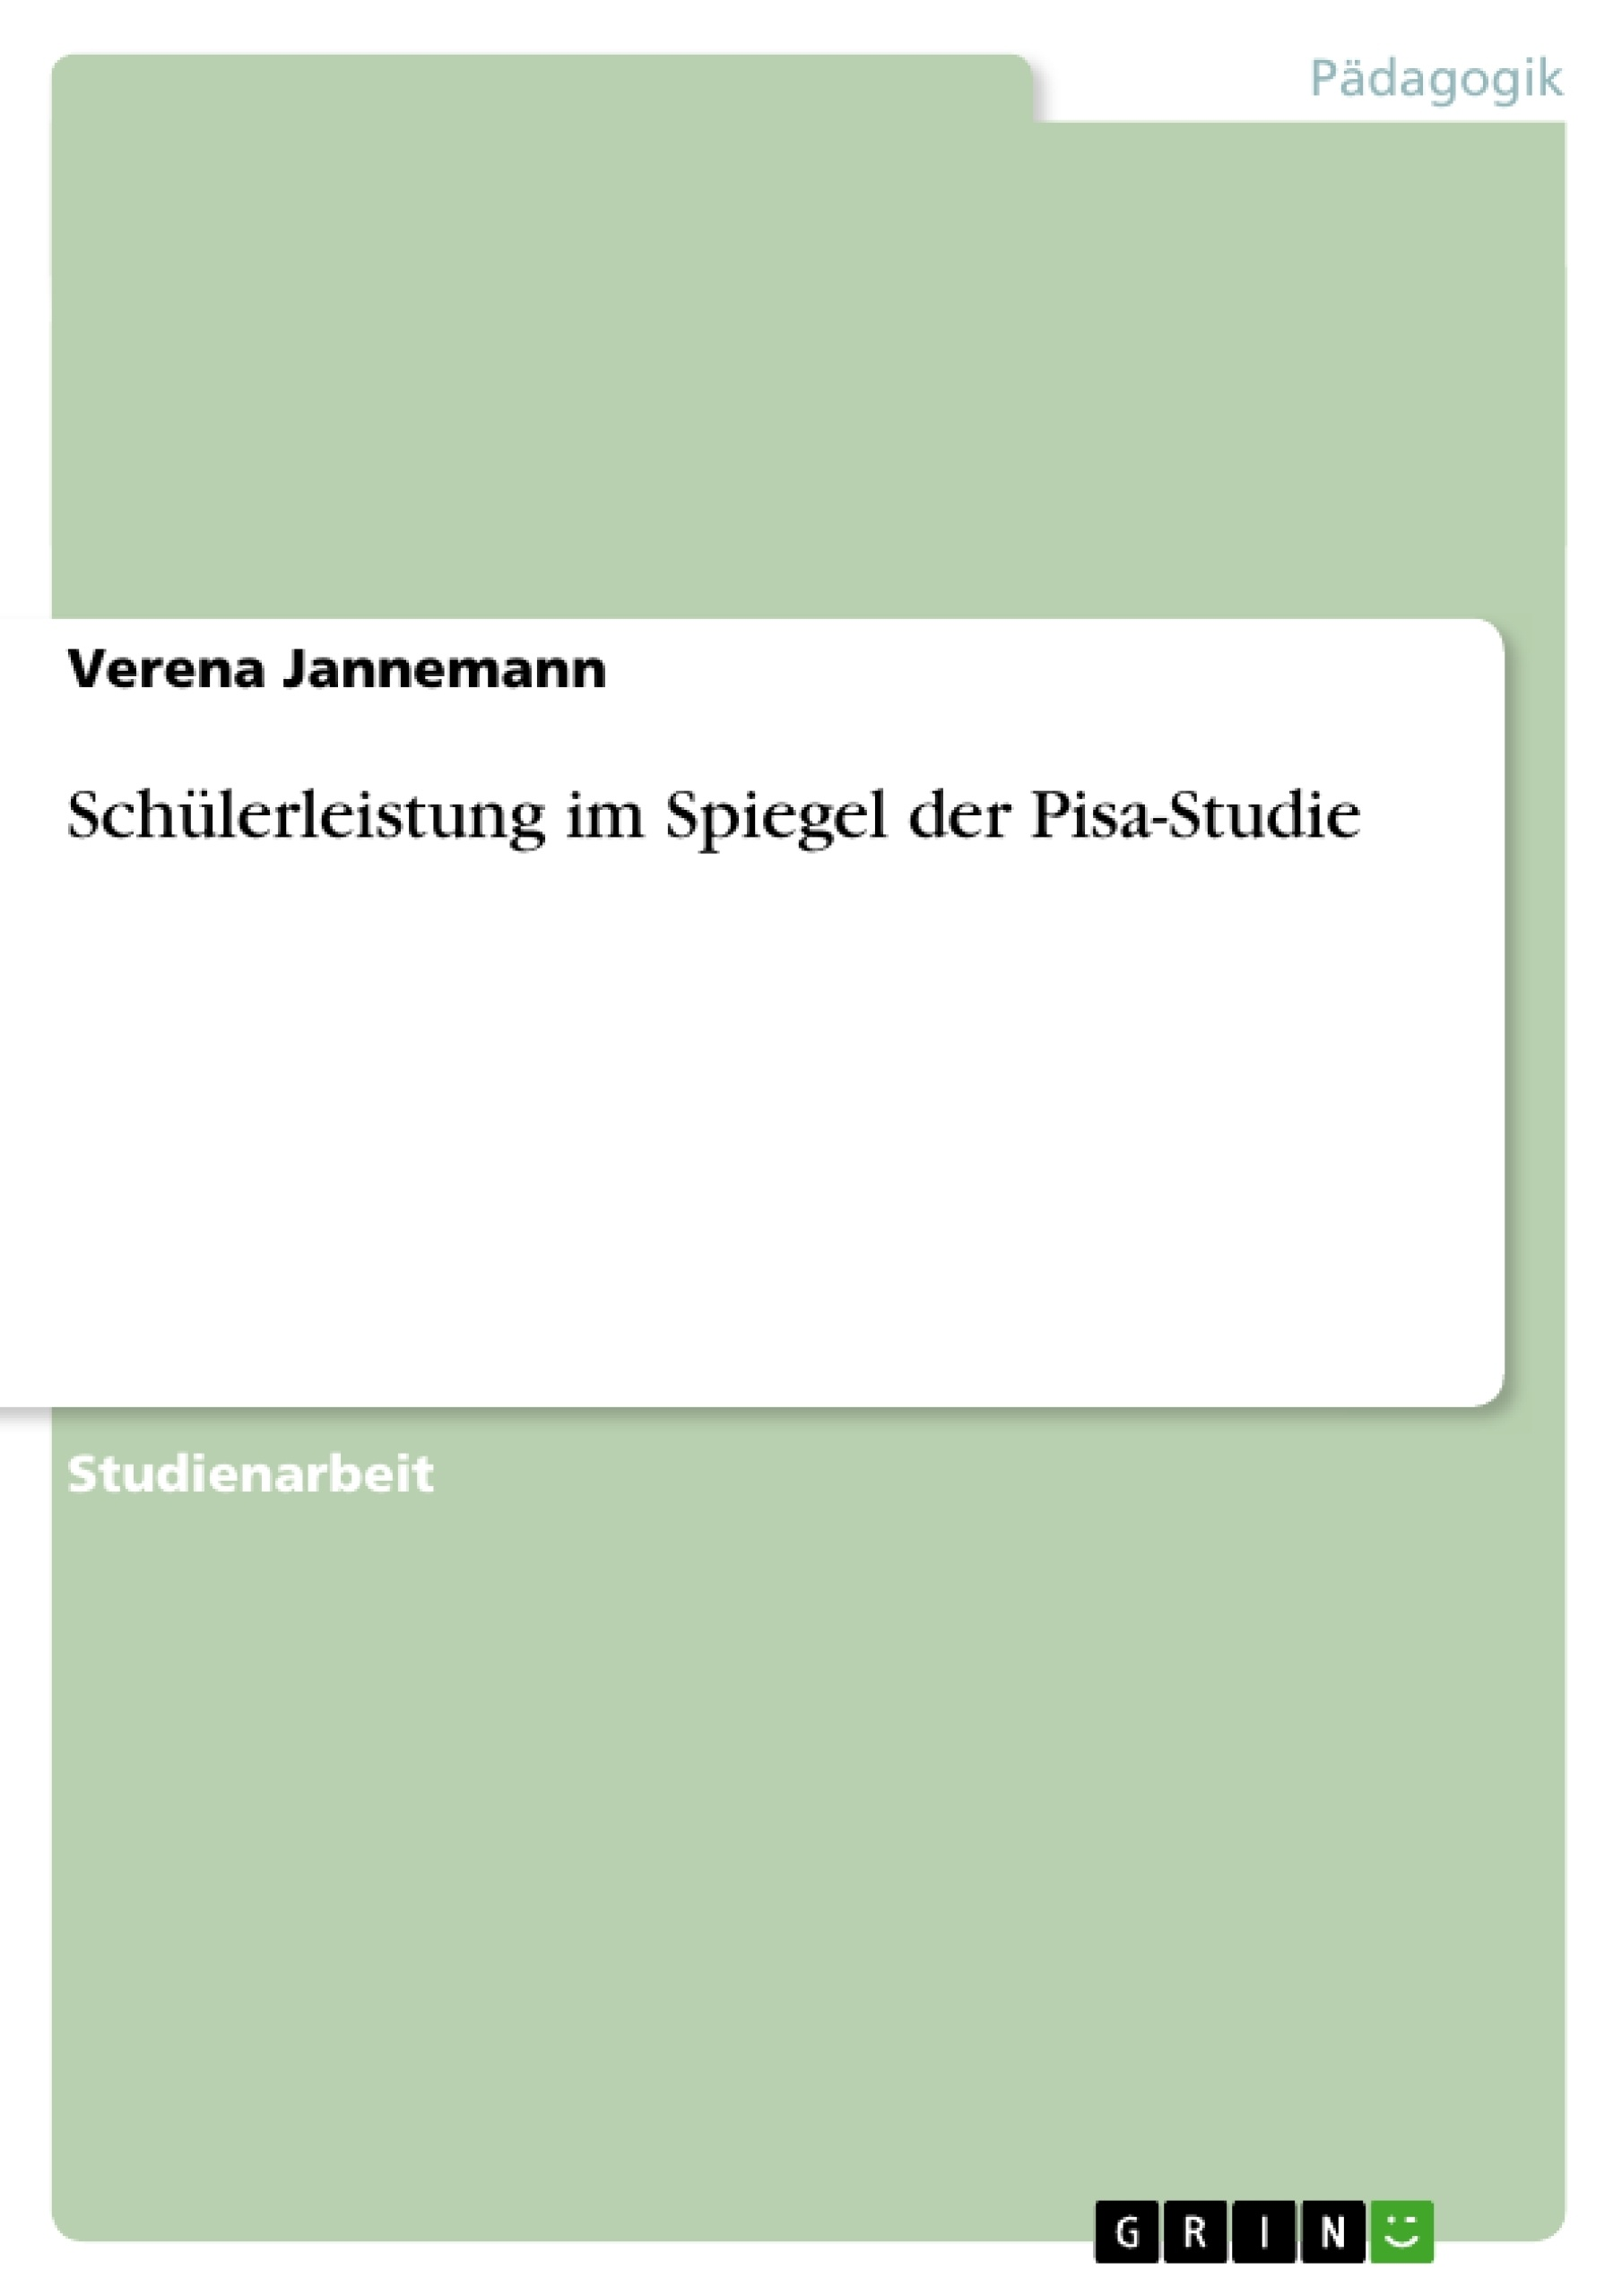 Titel: Schülerleistung im Spiegel der Pisa-Studie